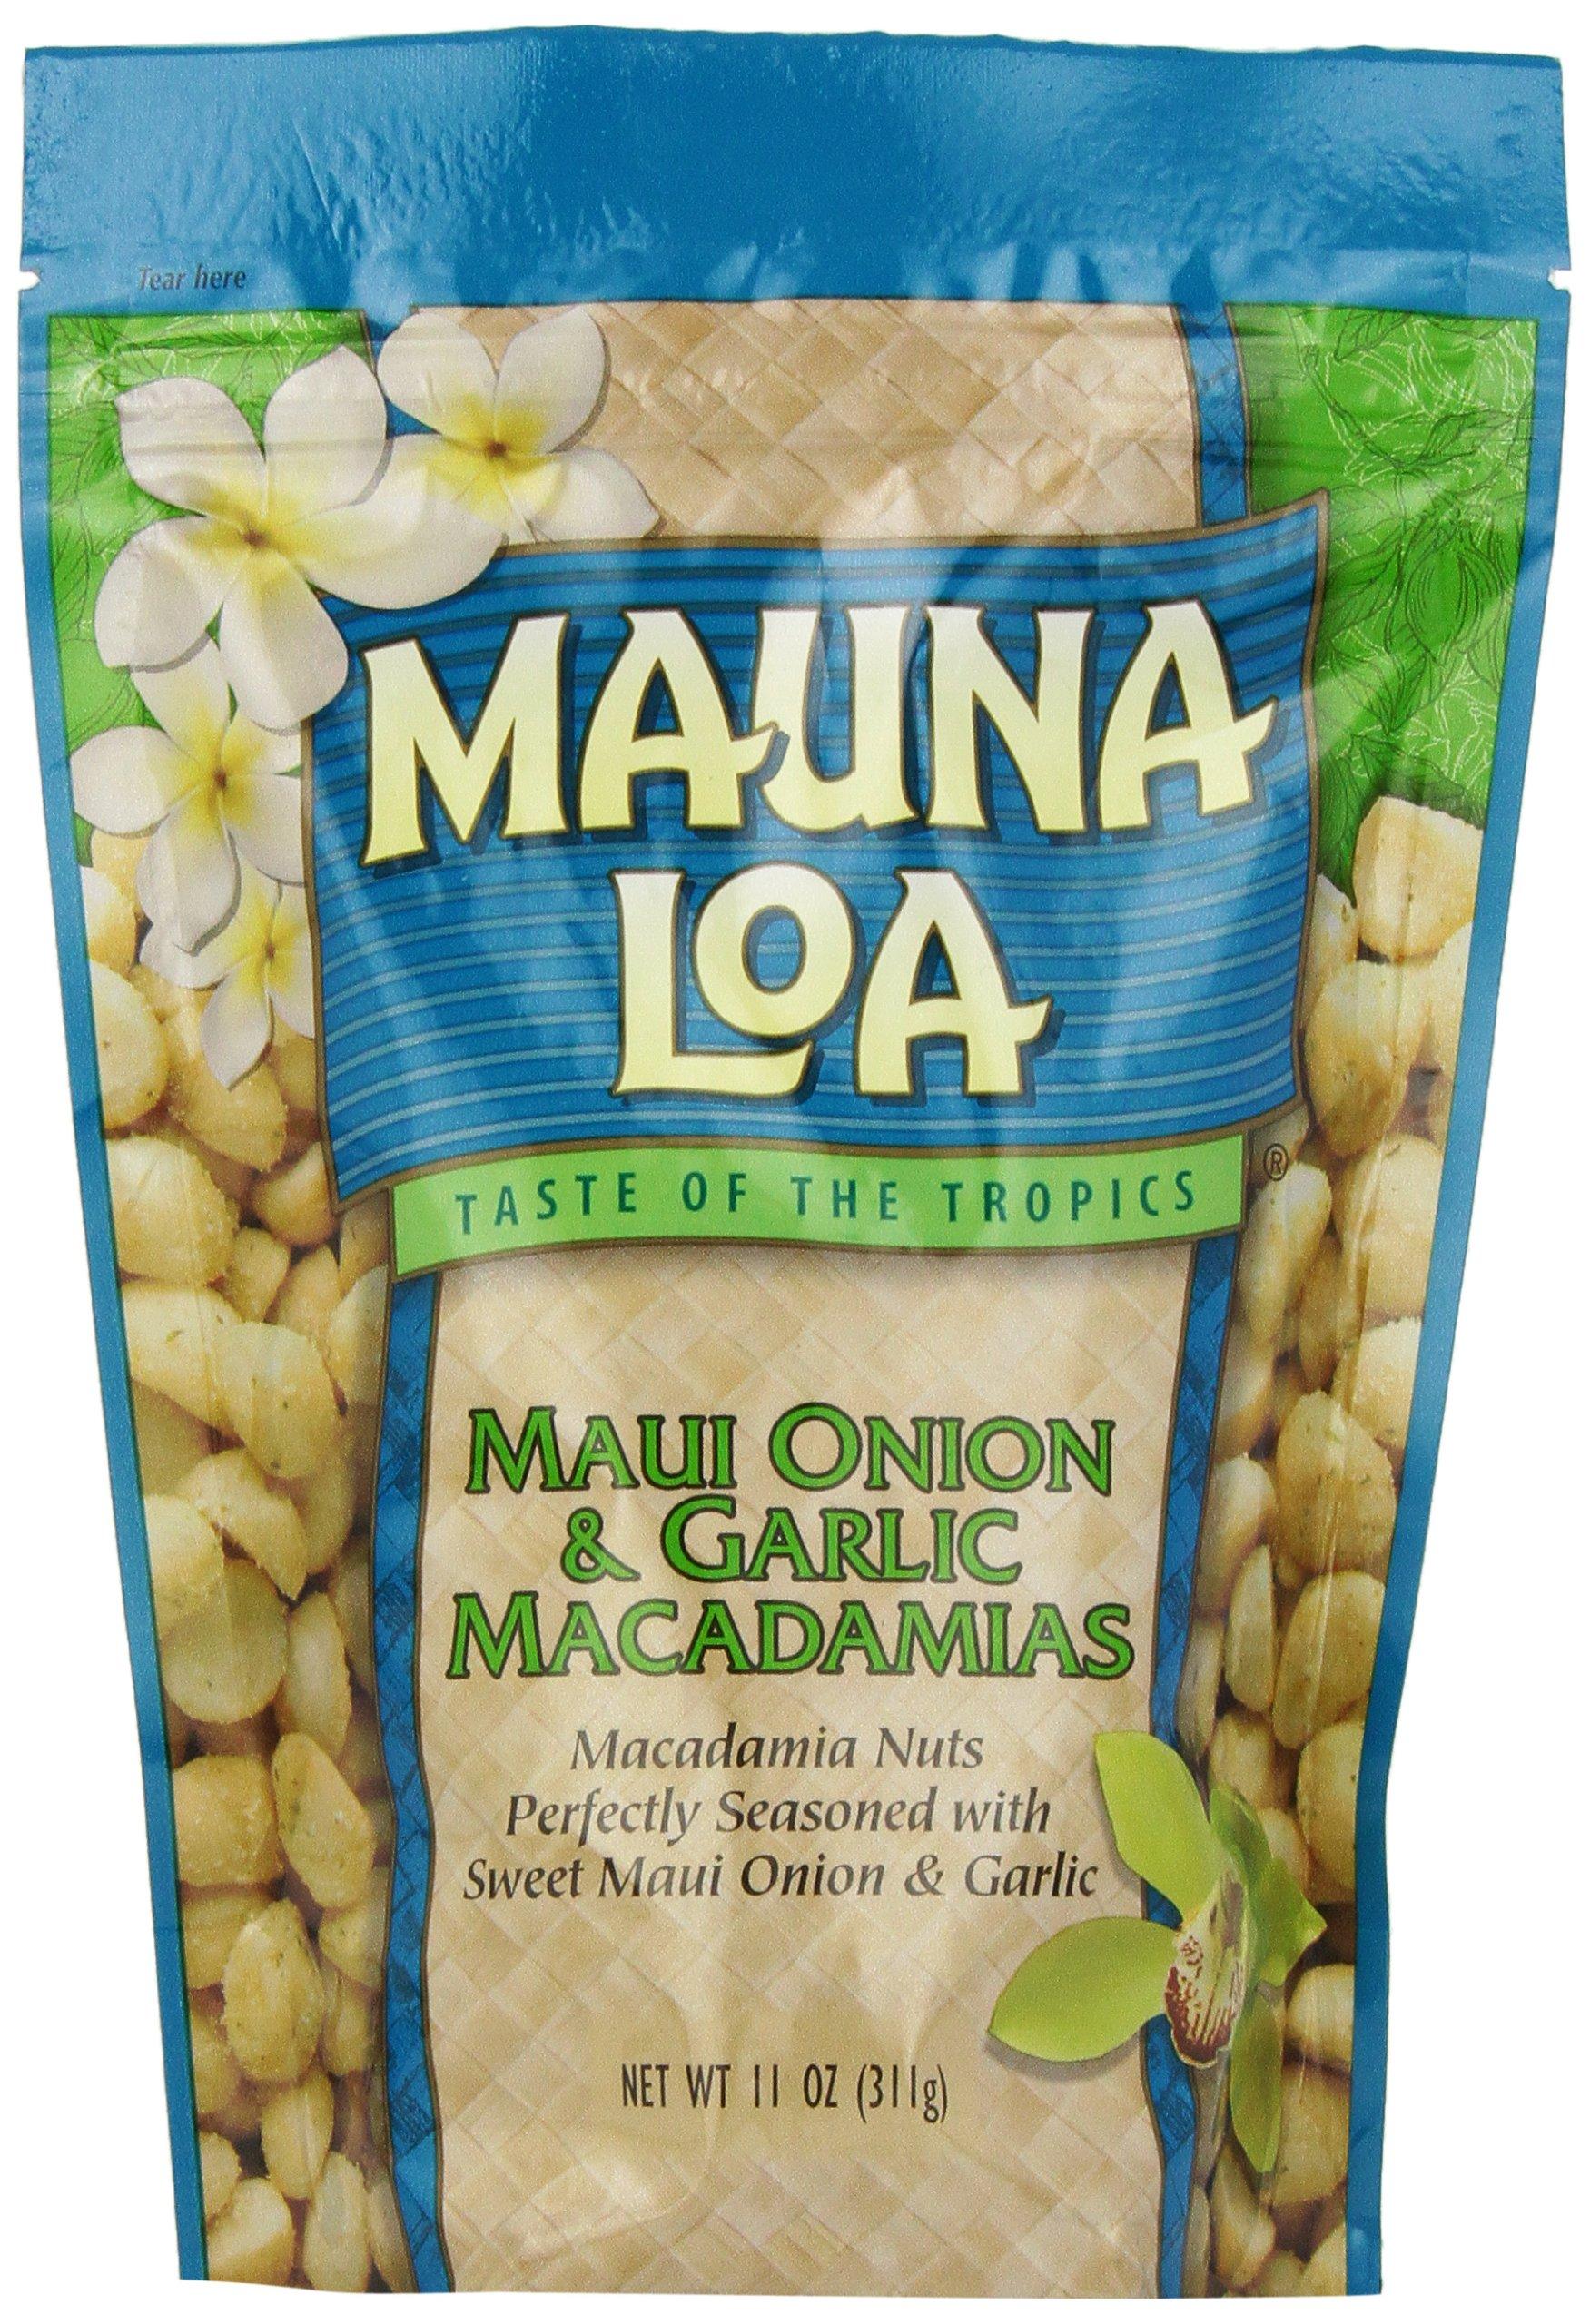 Mauna Loa Macadamias, Maui Onion & Garlic, 11-Ounce Packages by Mauna Loa